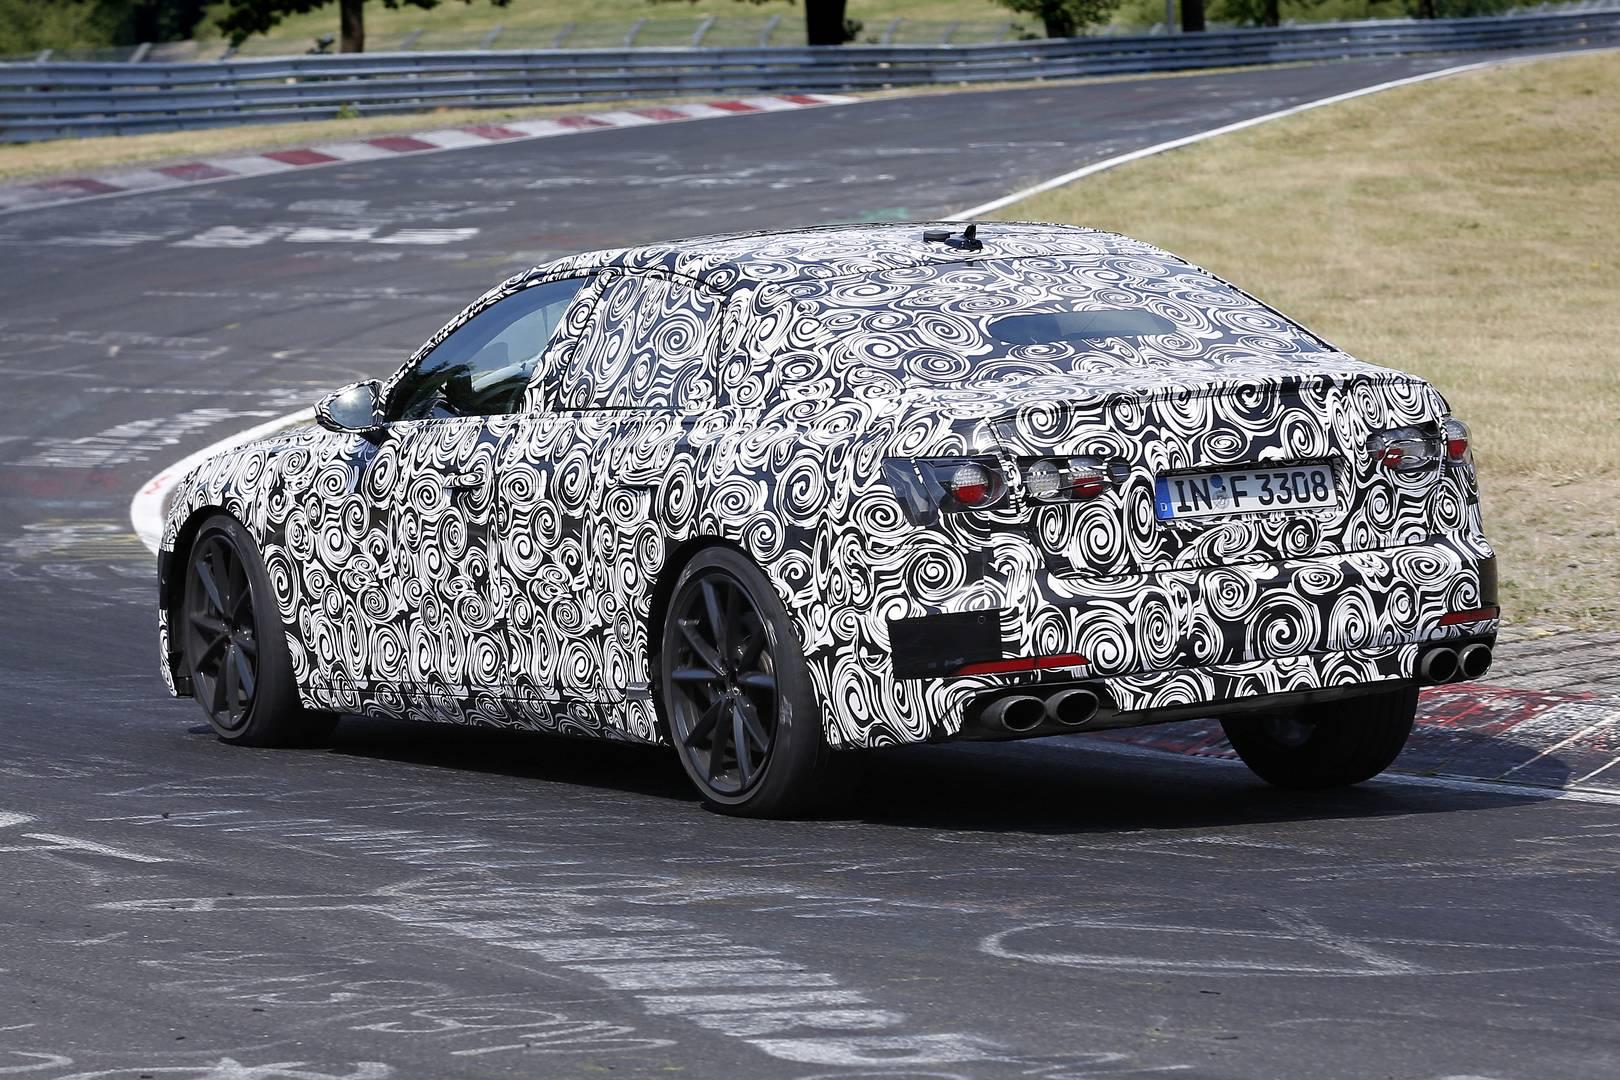 Только в этом году Audi сумел выжать 450 л.с. из 2,9-литрового Twin Turbo V6, который питает новый RS5, поэтому нас не удивит, что новый S6 получит тот же или аналогичных размеров двигатель. Будем надеяться, что у бренда все еще есть V8 для нового RS